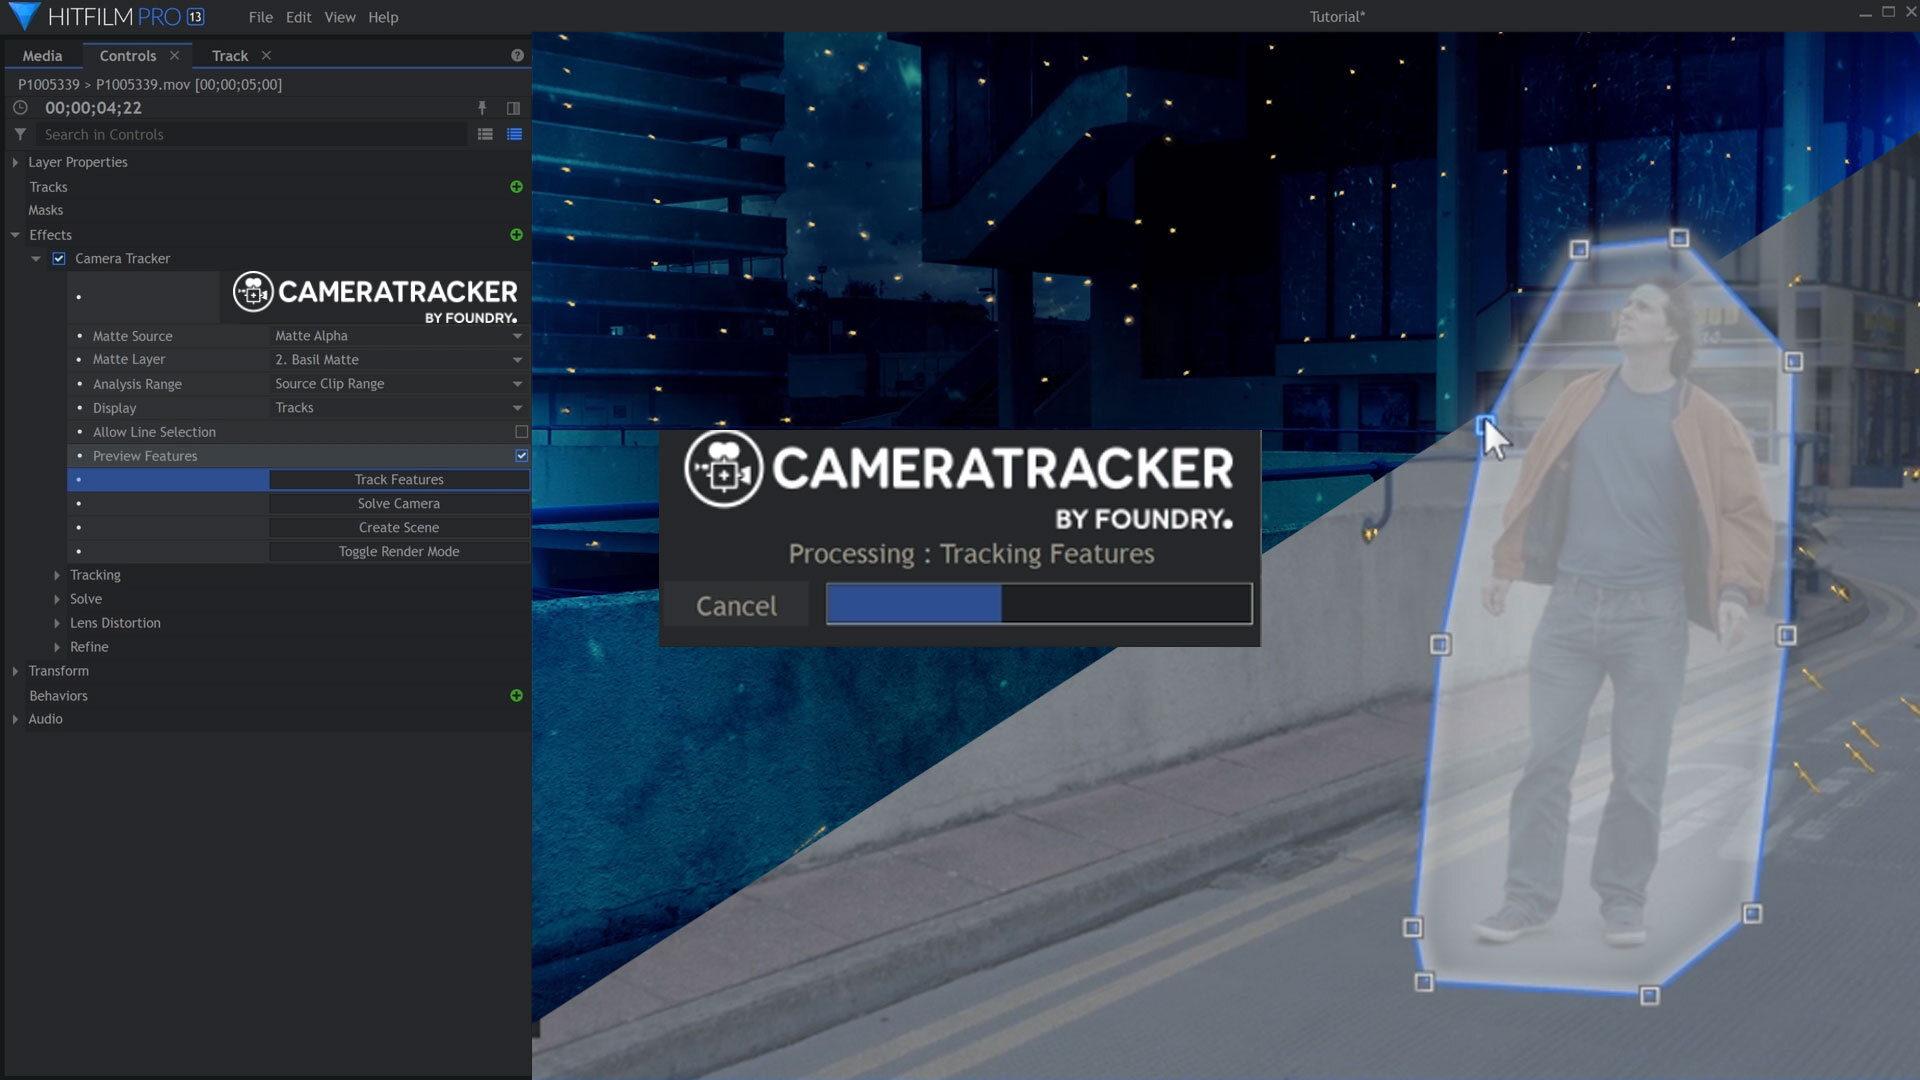 Foundry Camera Tracker in HitFilm